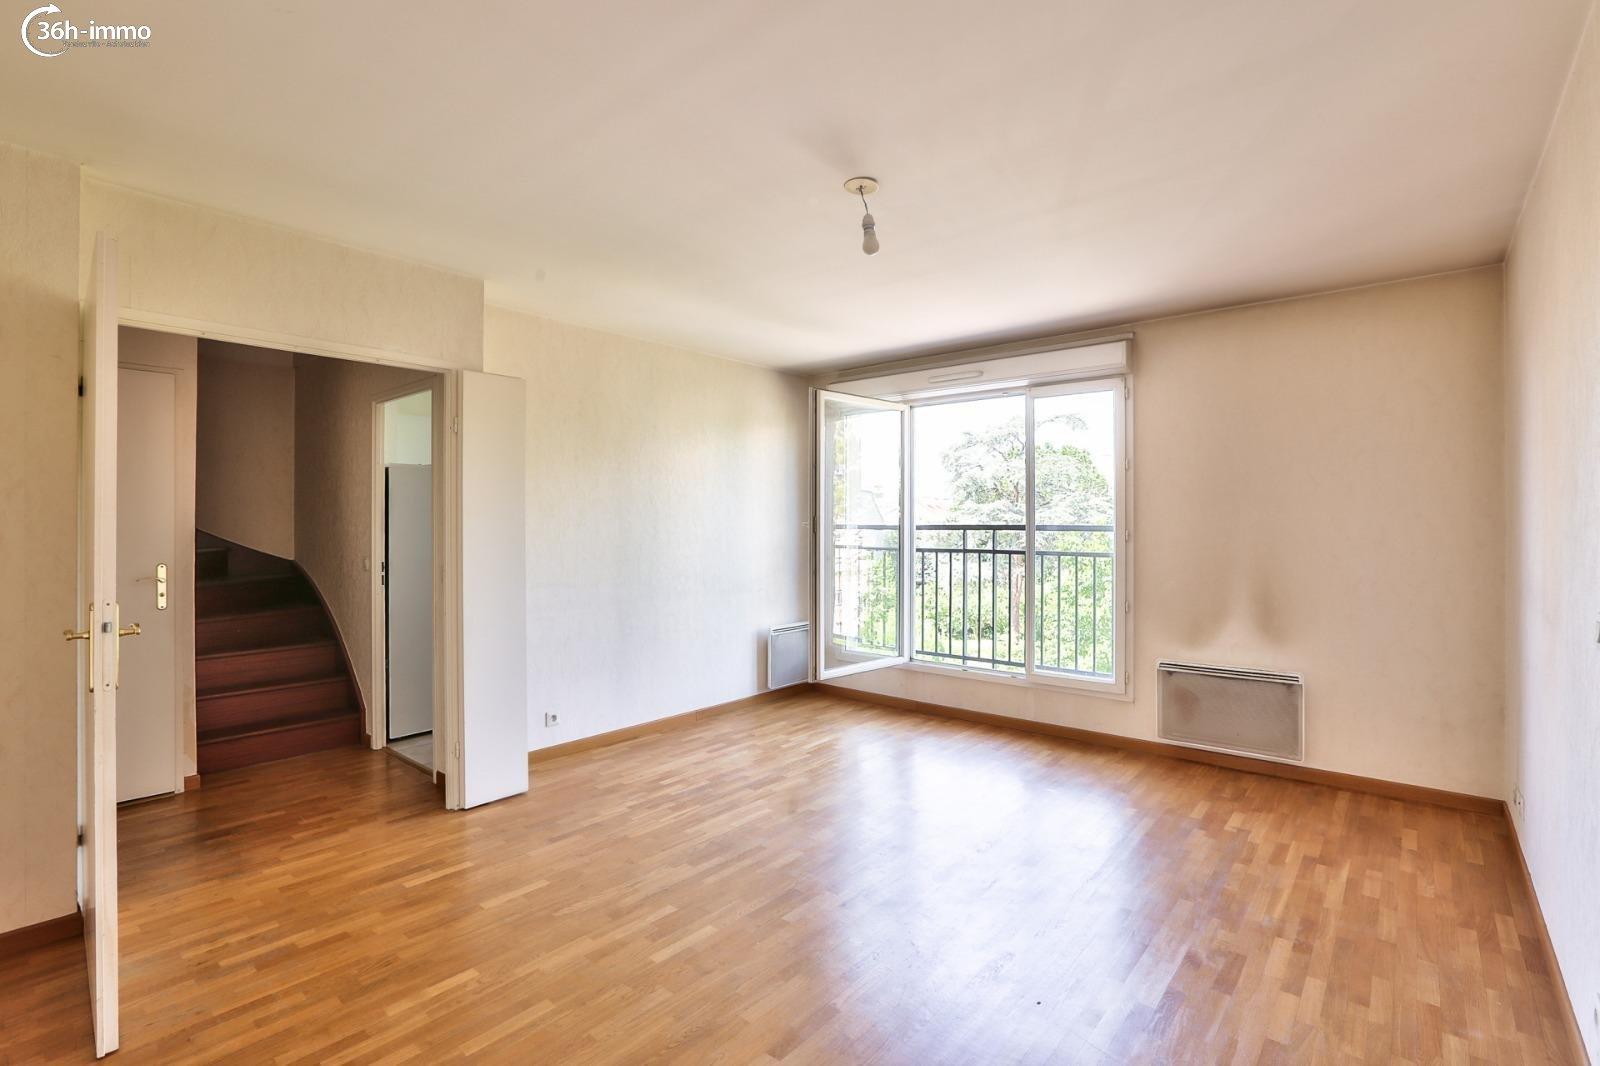 Appartement Longjumeau 91160 Essonne 200000 euros